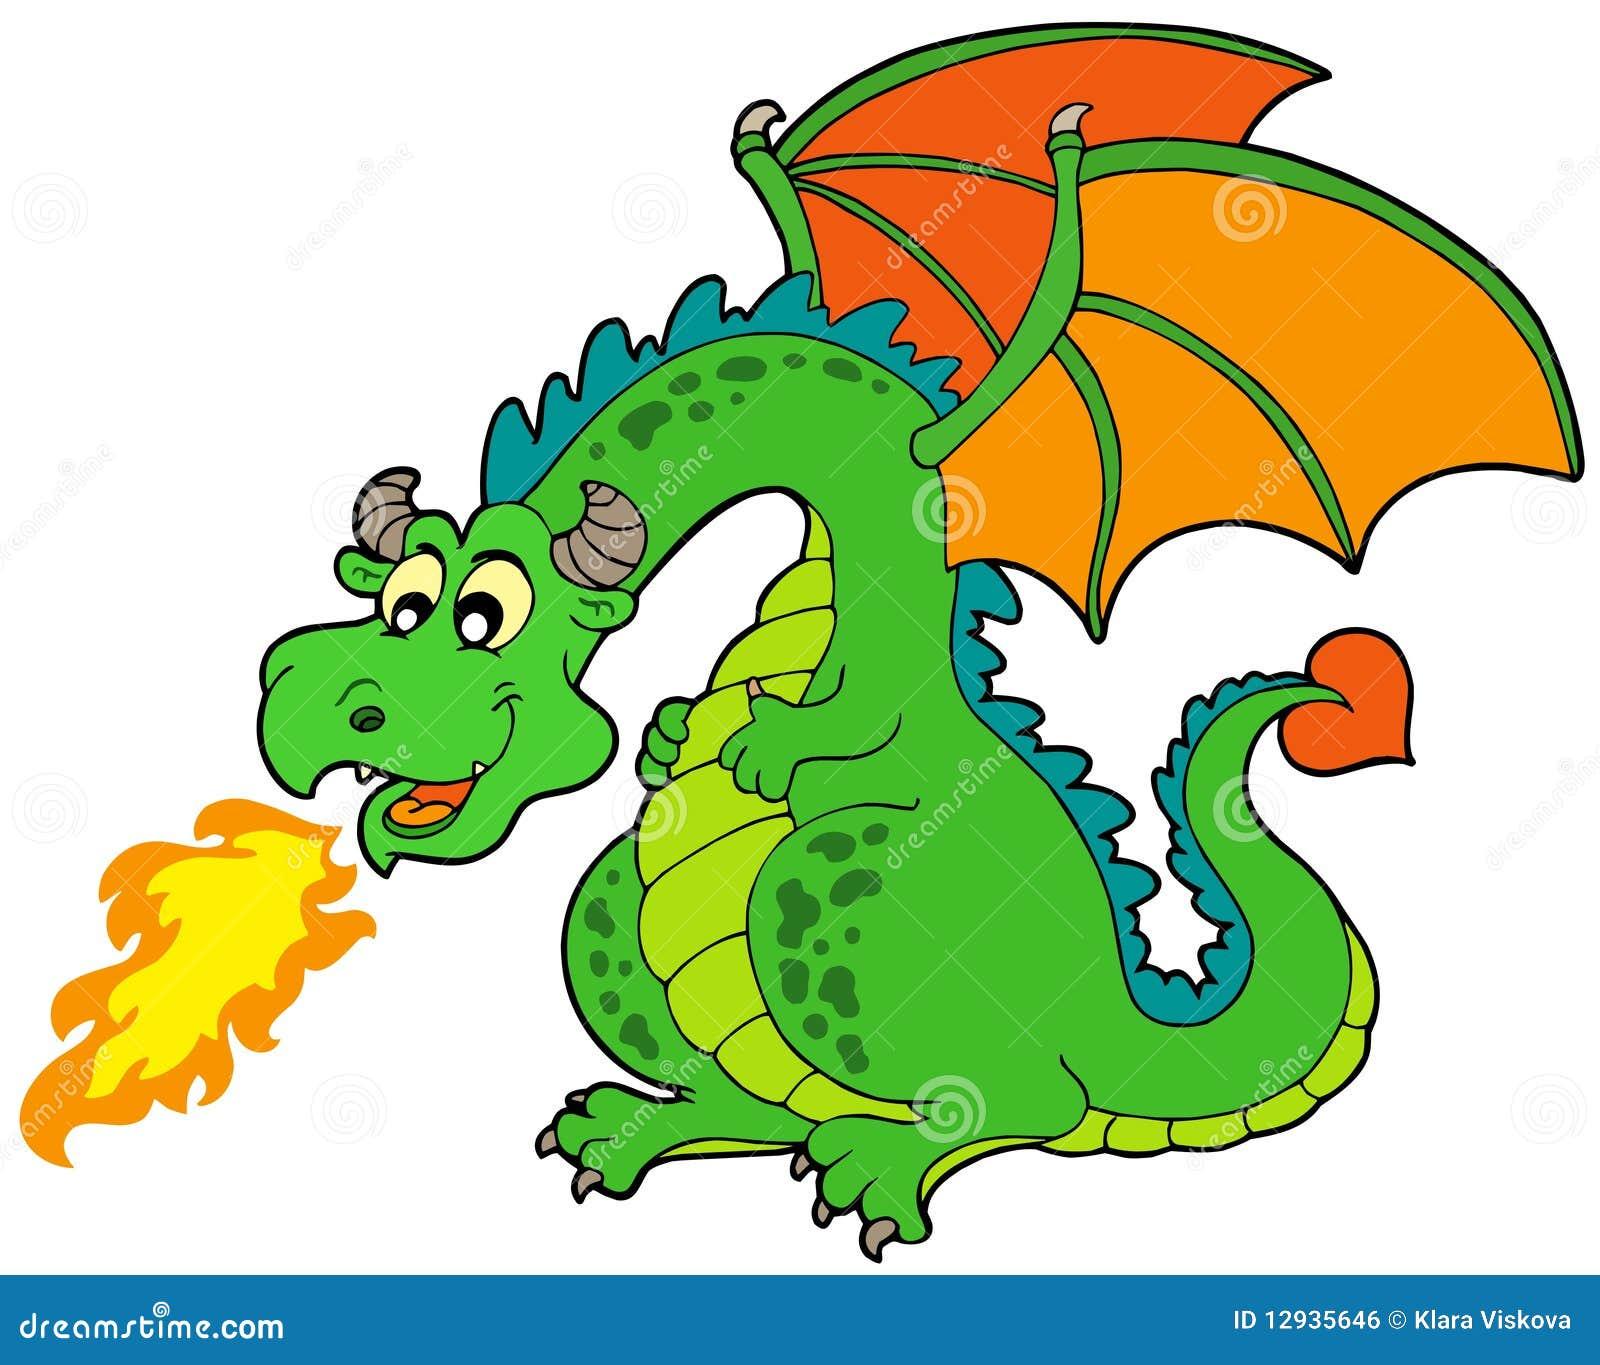 Dragon d 39 incendie de dessin anim illustration de vecteur illustration du dessin fairytale - Image de dessin anime gratuit ...